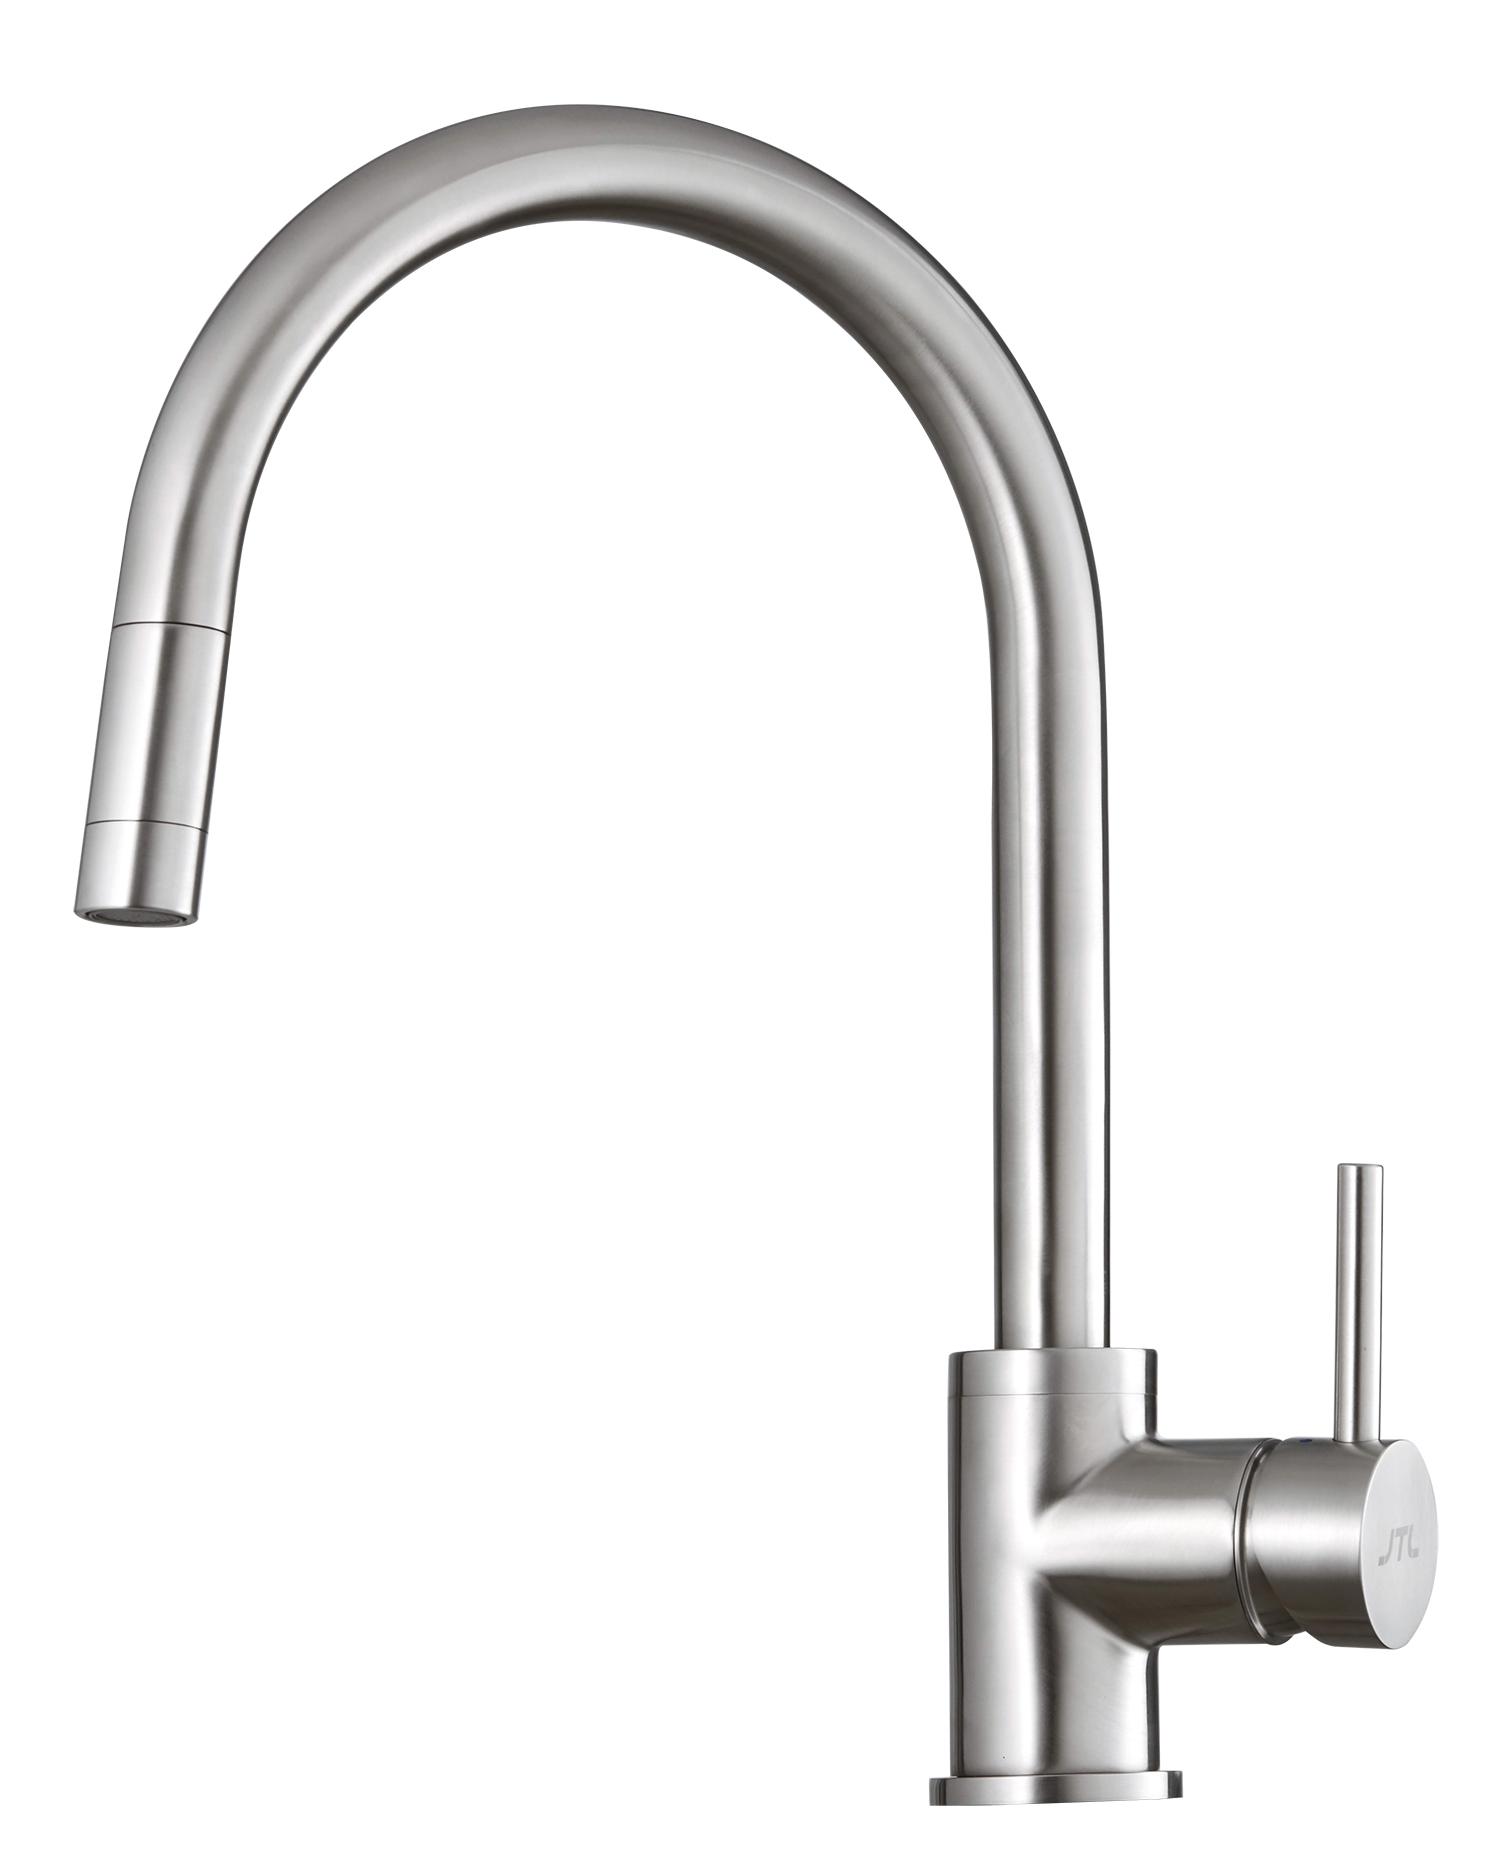 廚房、茶水間、浴室及洗手間適用,切合居家生活用水需求